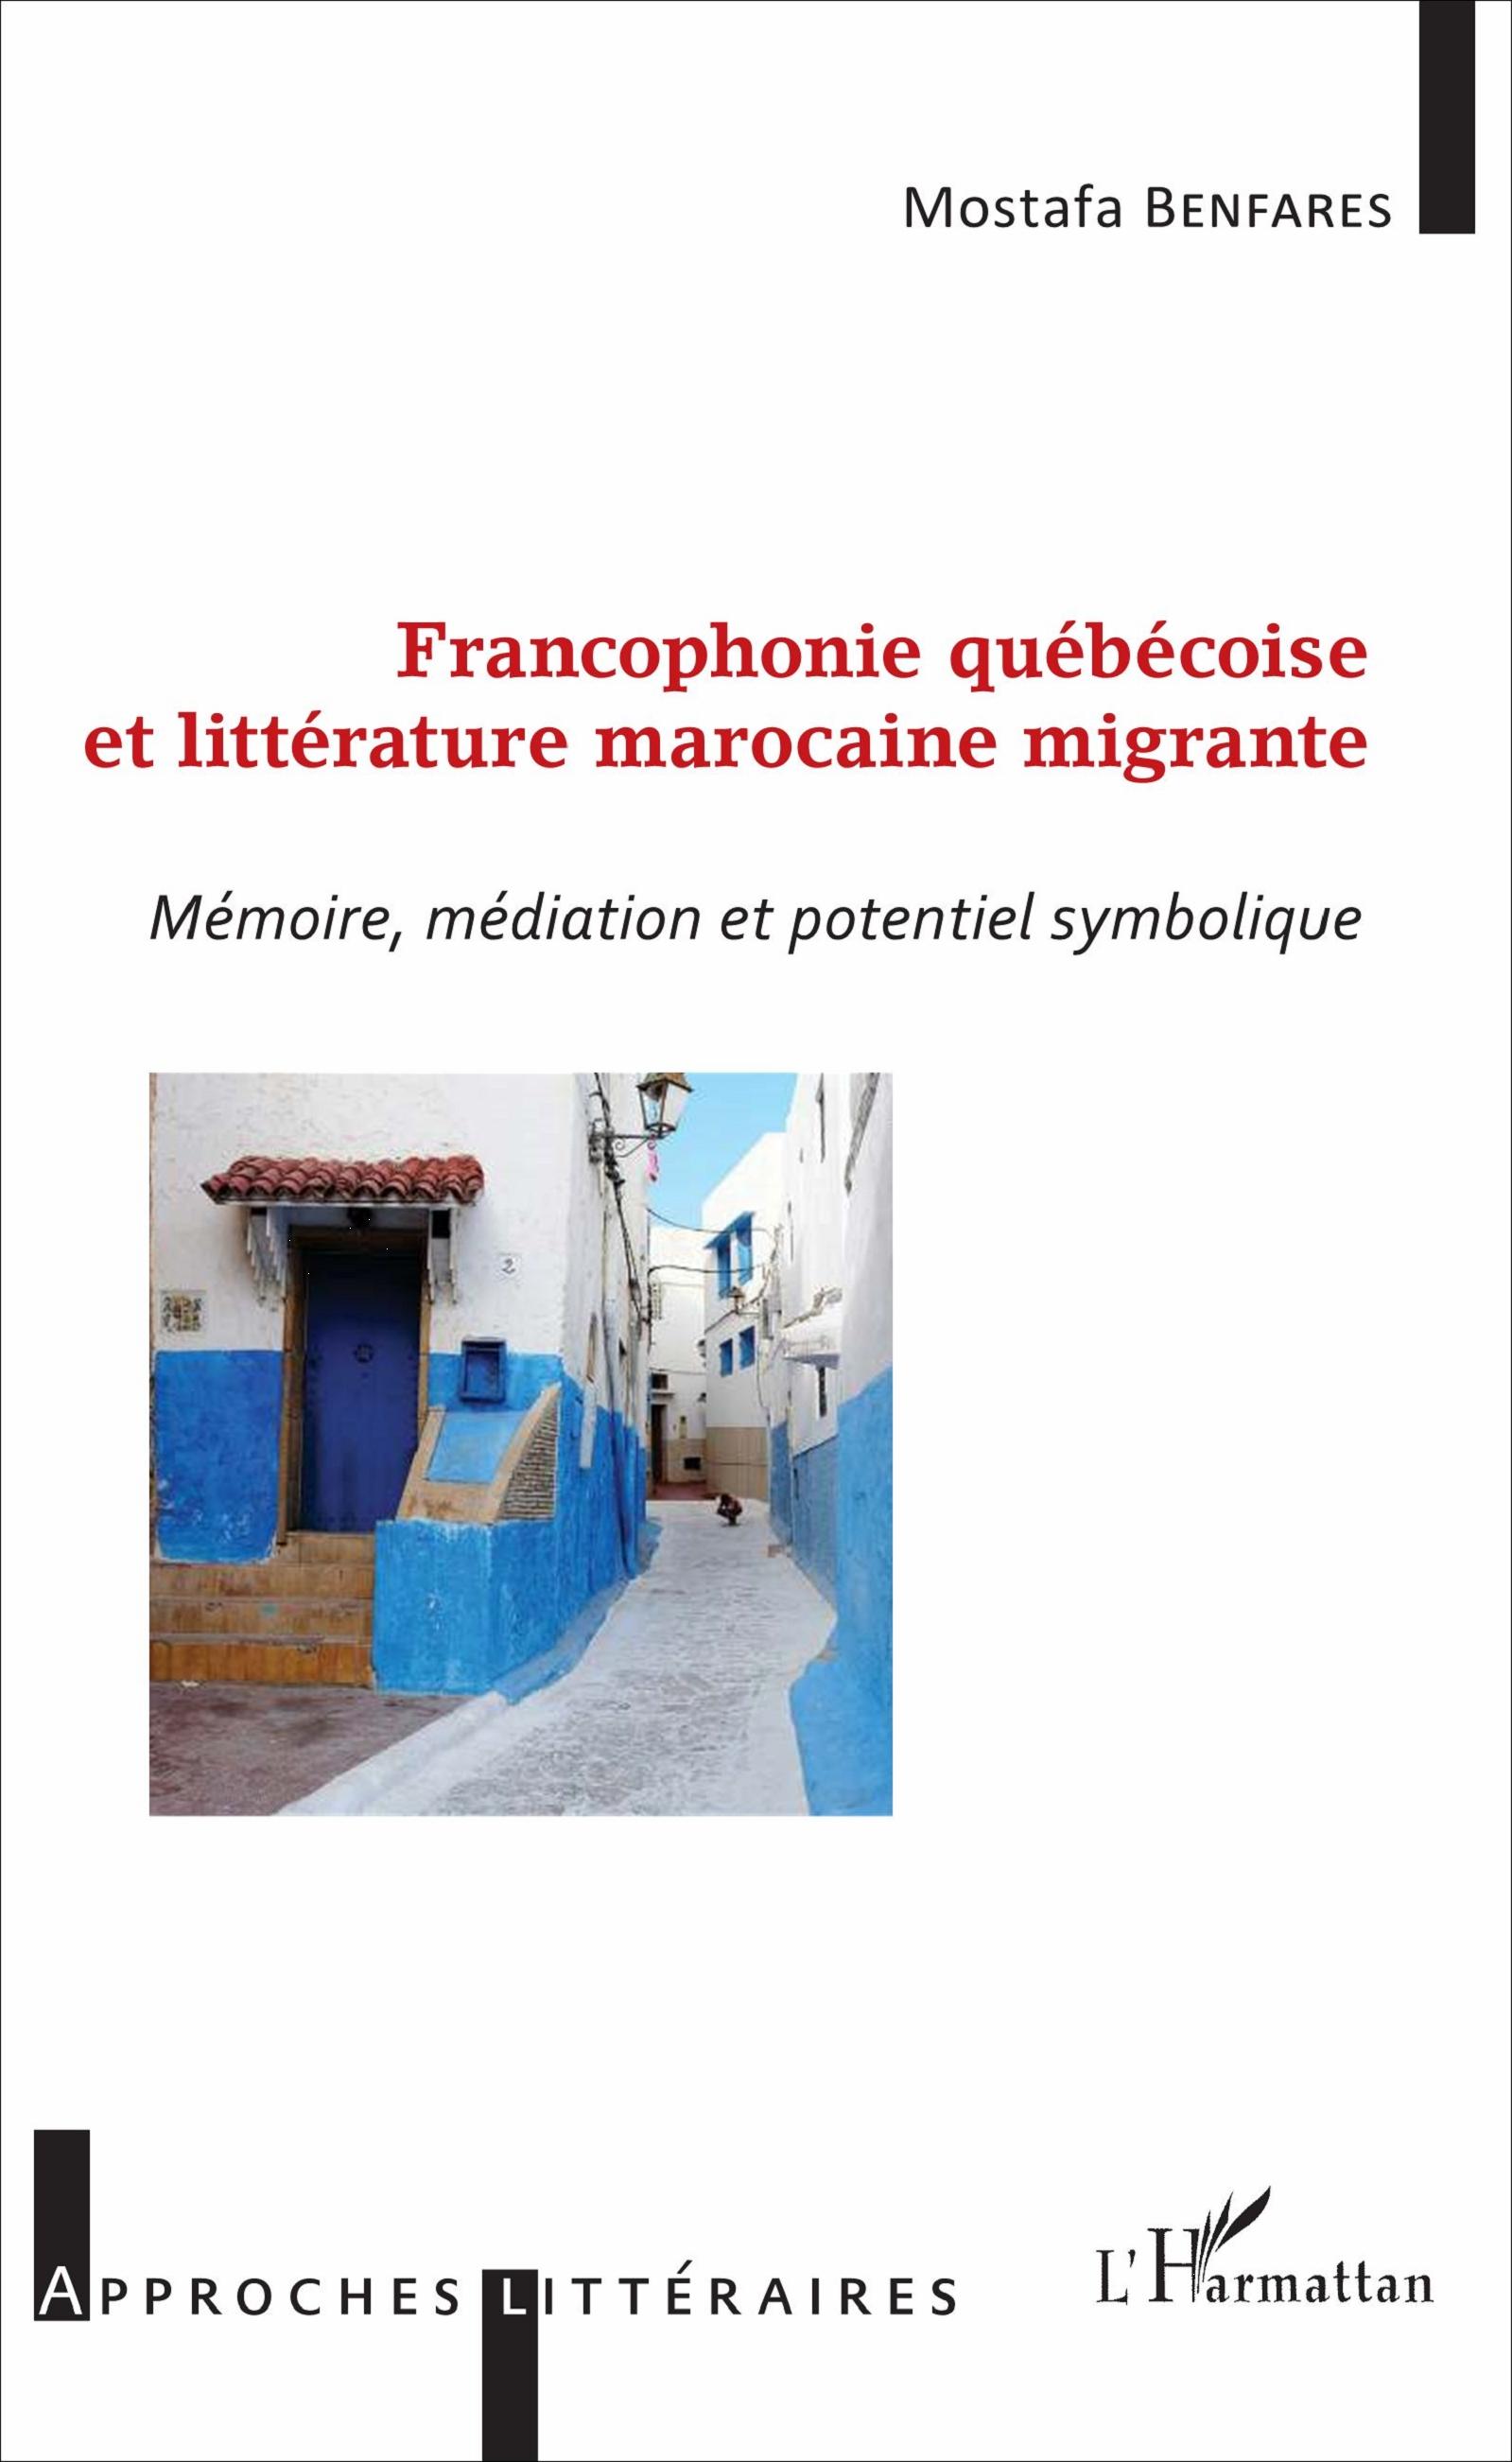 M. Benfares, Francophonie québécoise et littérature marocaine migrante